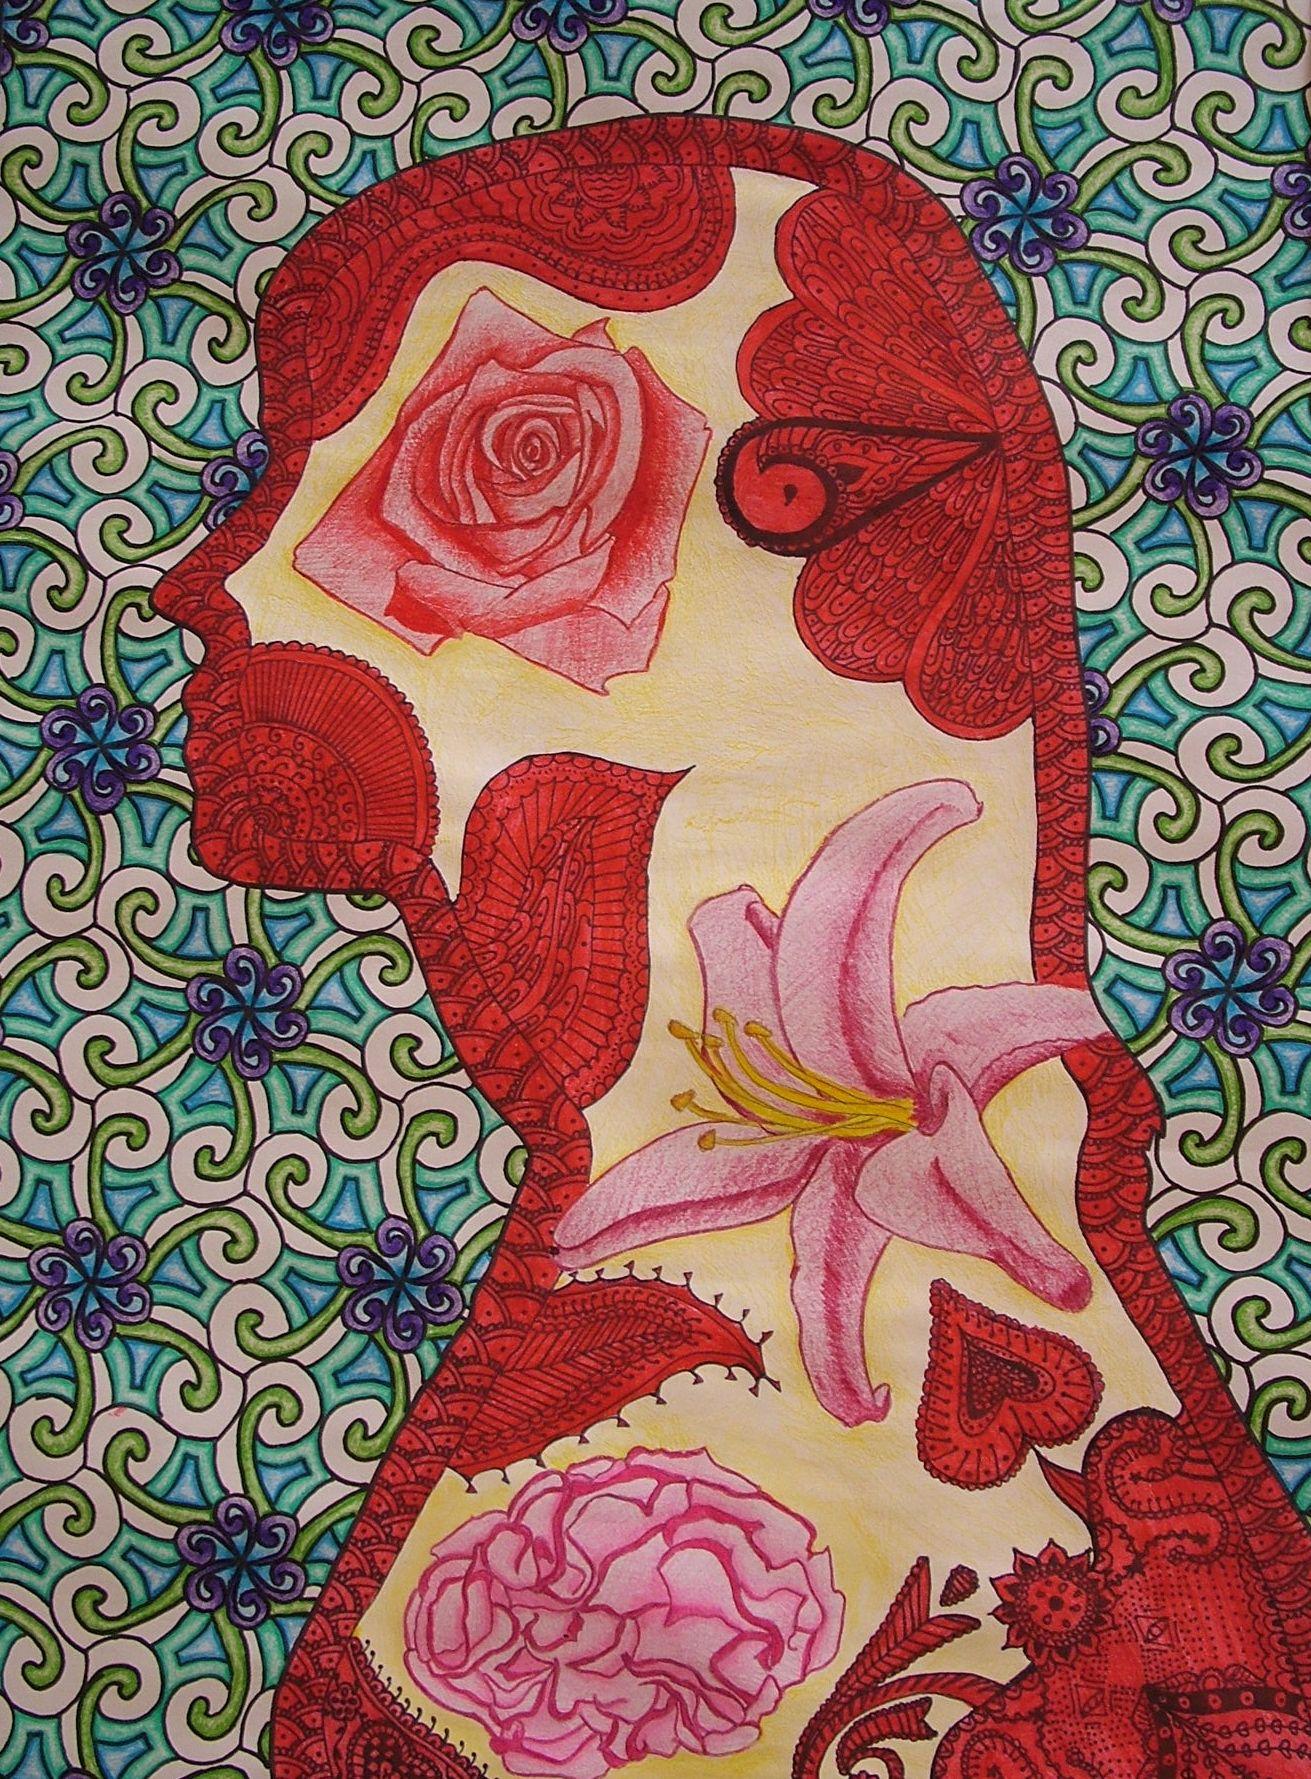 Geometry Art Projects High School Ohs project 1 silhouette   Teacher ... for Silhouette Art Projects High School  173lyp